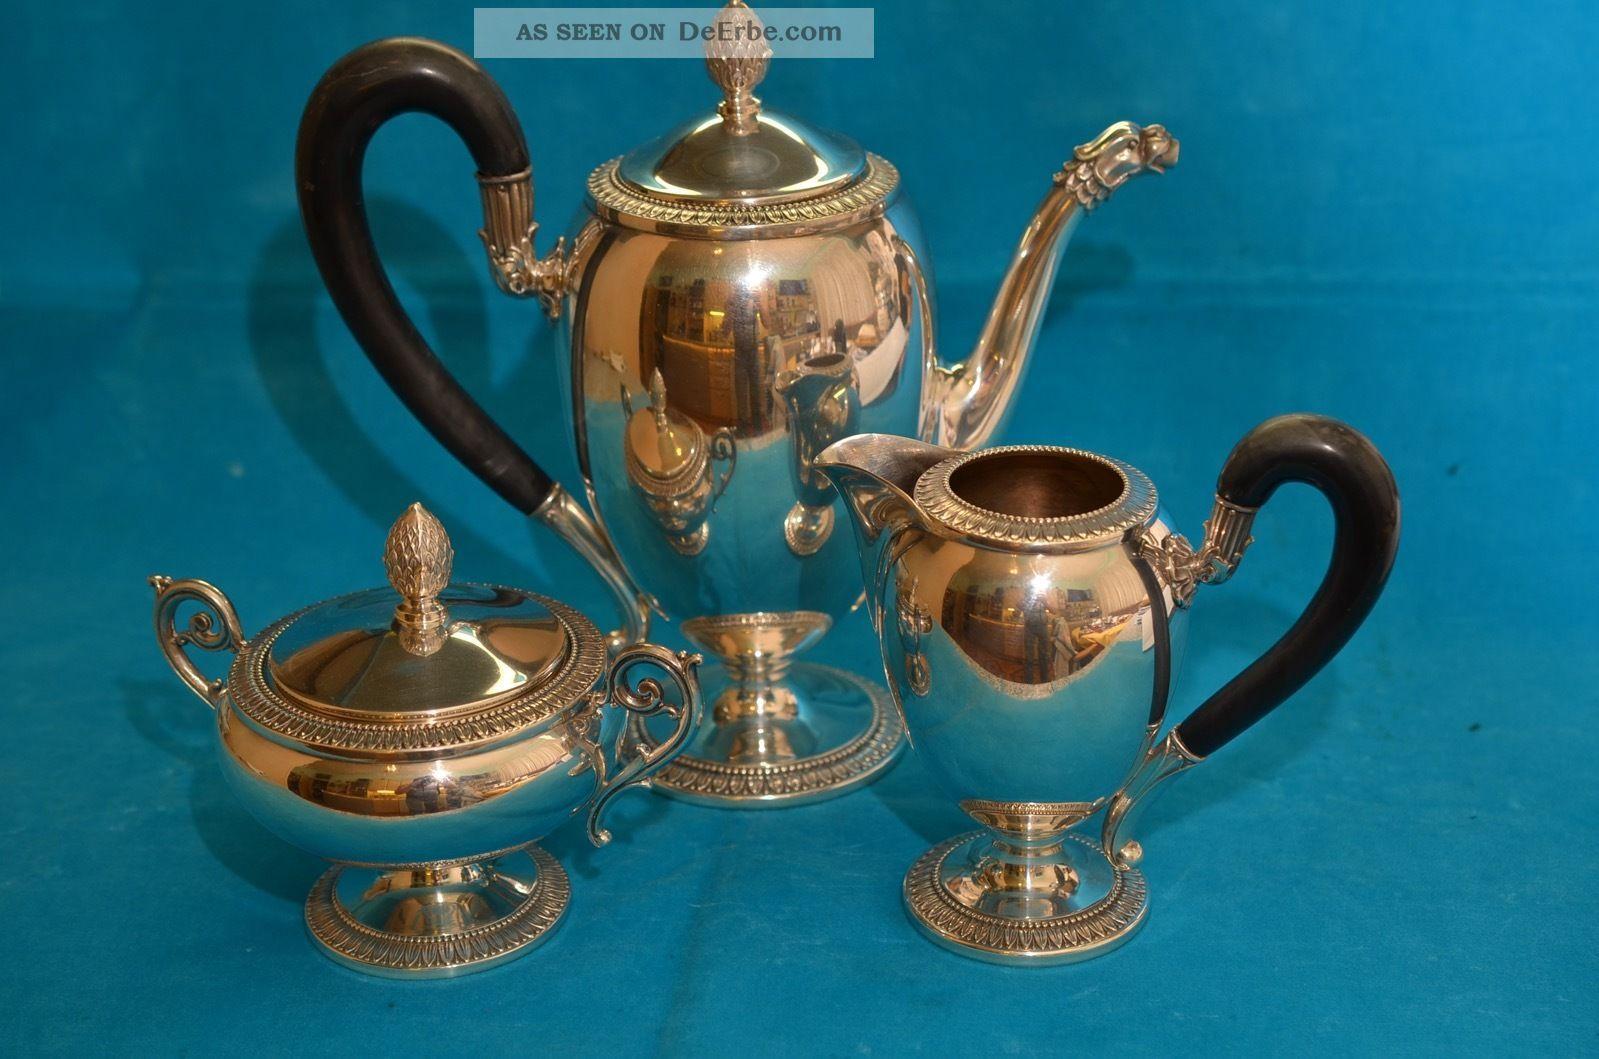 Alte Kaffeekanne Mit Sahnekännchen Und Zuckerdose Silber 800 1250 Gramm Objekte vor 1945 Bild